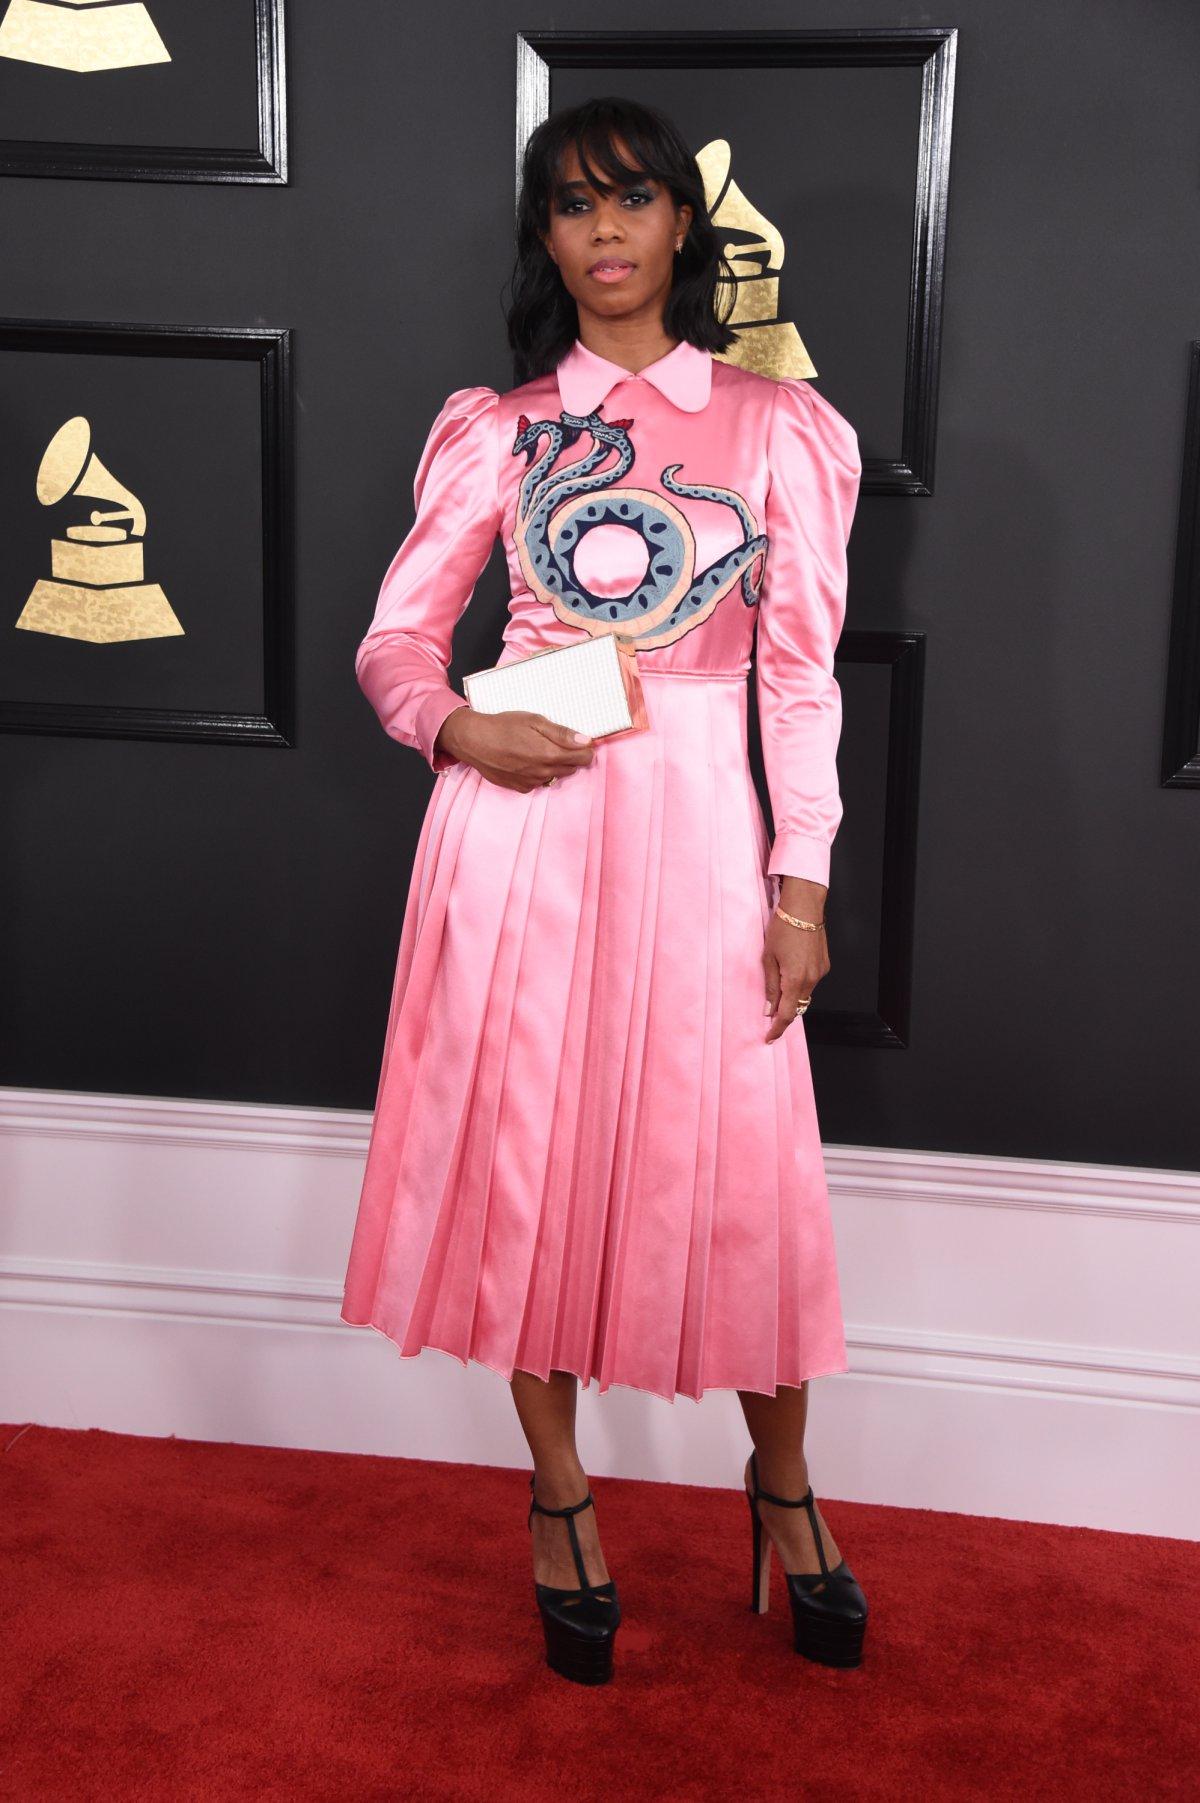 Los peores vestidos en los premios Grammy 2017 | Fotogalería | Radio ...